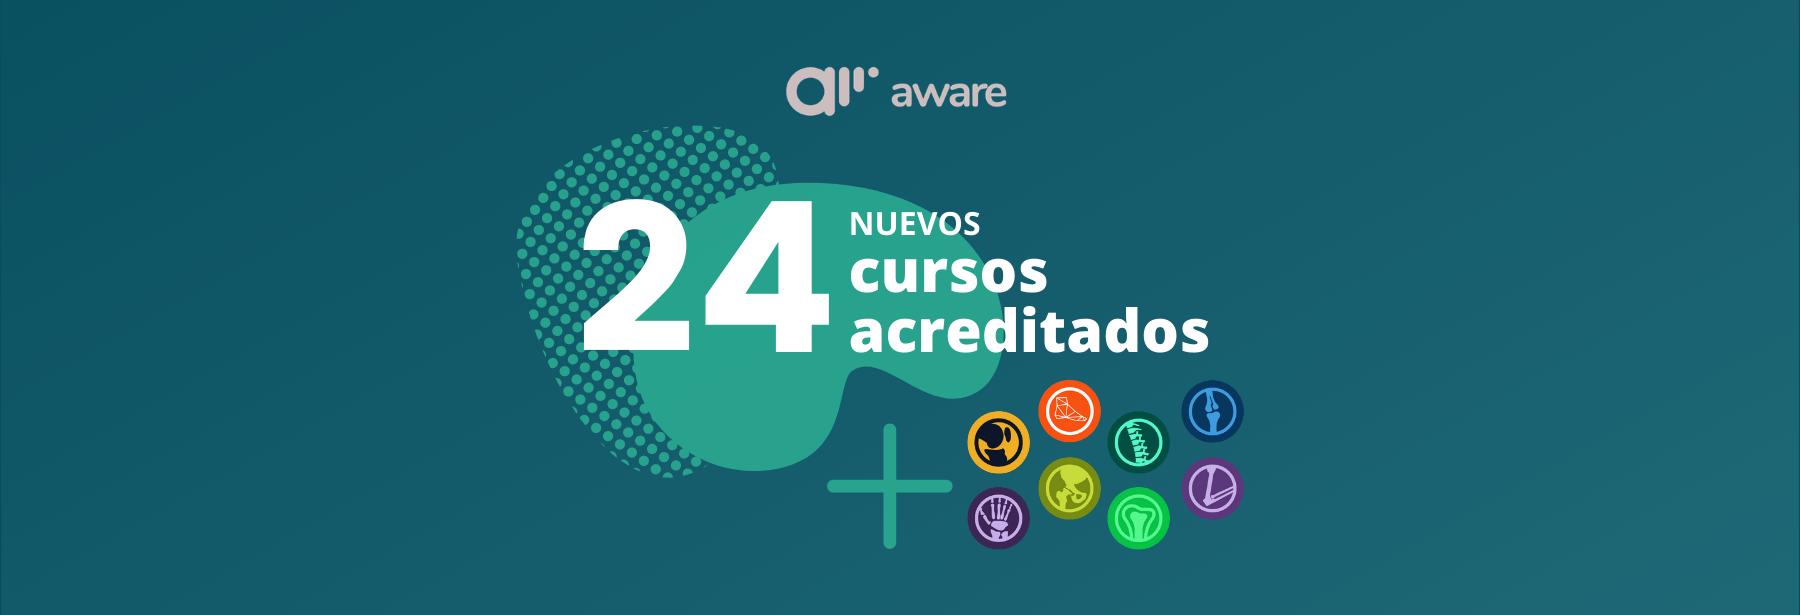 24 nuevos cursos reciben acreditaciones en aware.doctor